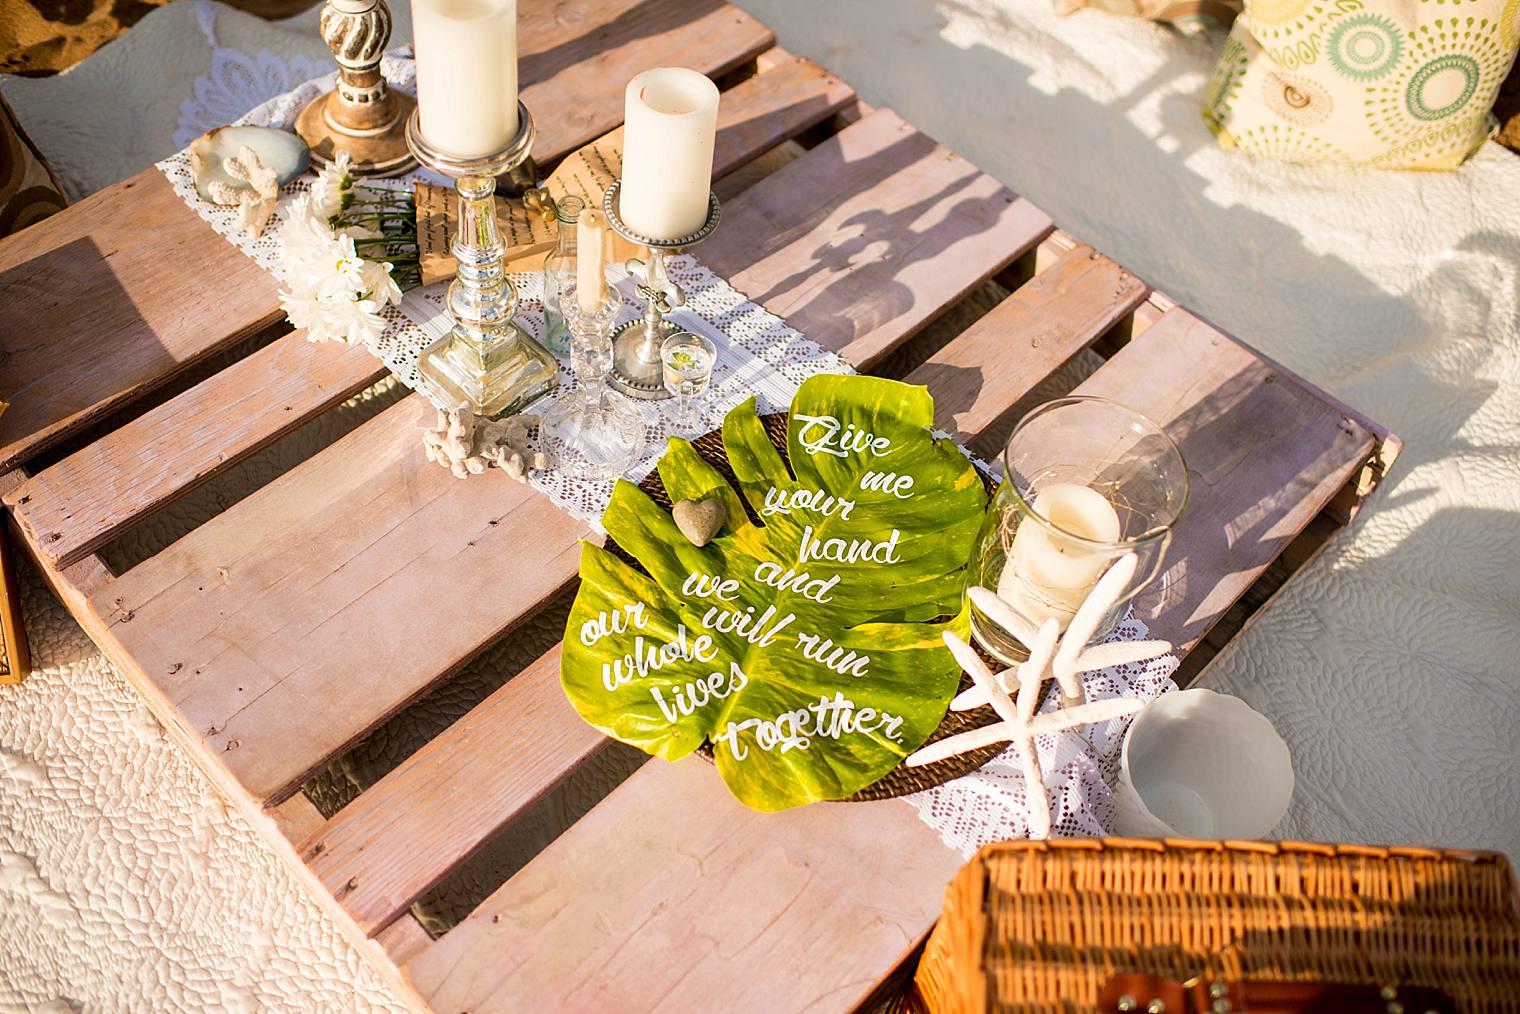 pallet beach set up for romantic picnic